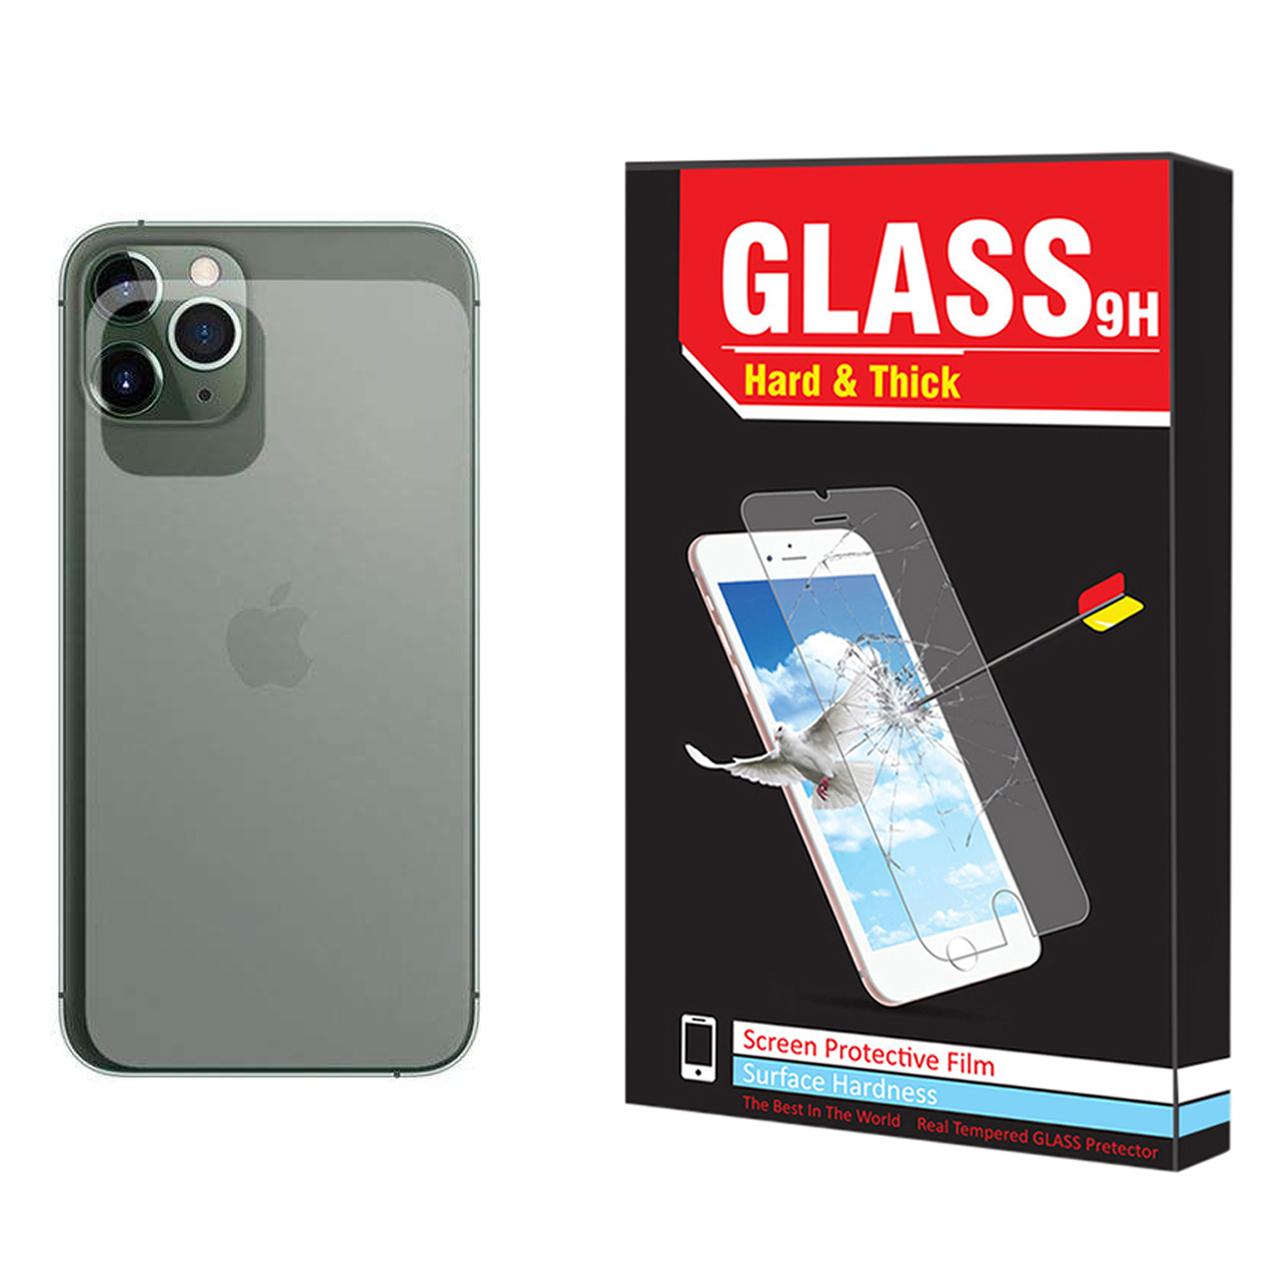 محافظ پشت گوشی Hard and Thick مدل TPB-001 مناسب برای گوشی موبایل اپل Iphone 12 Pro max thumb